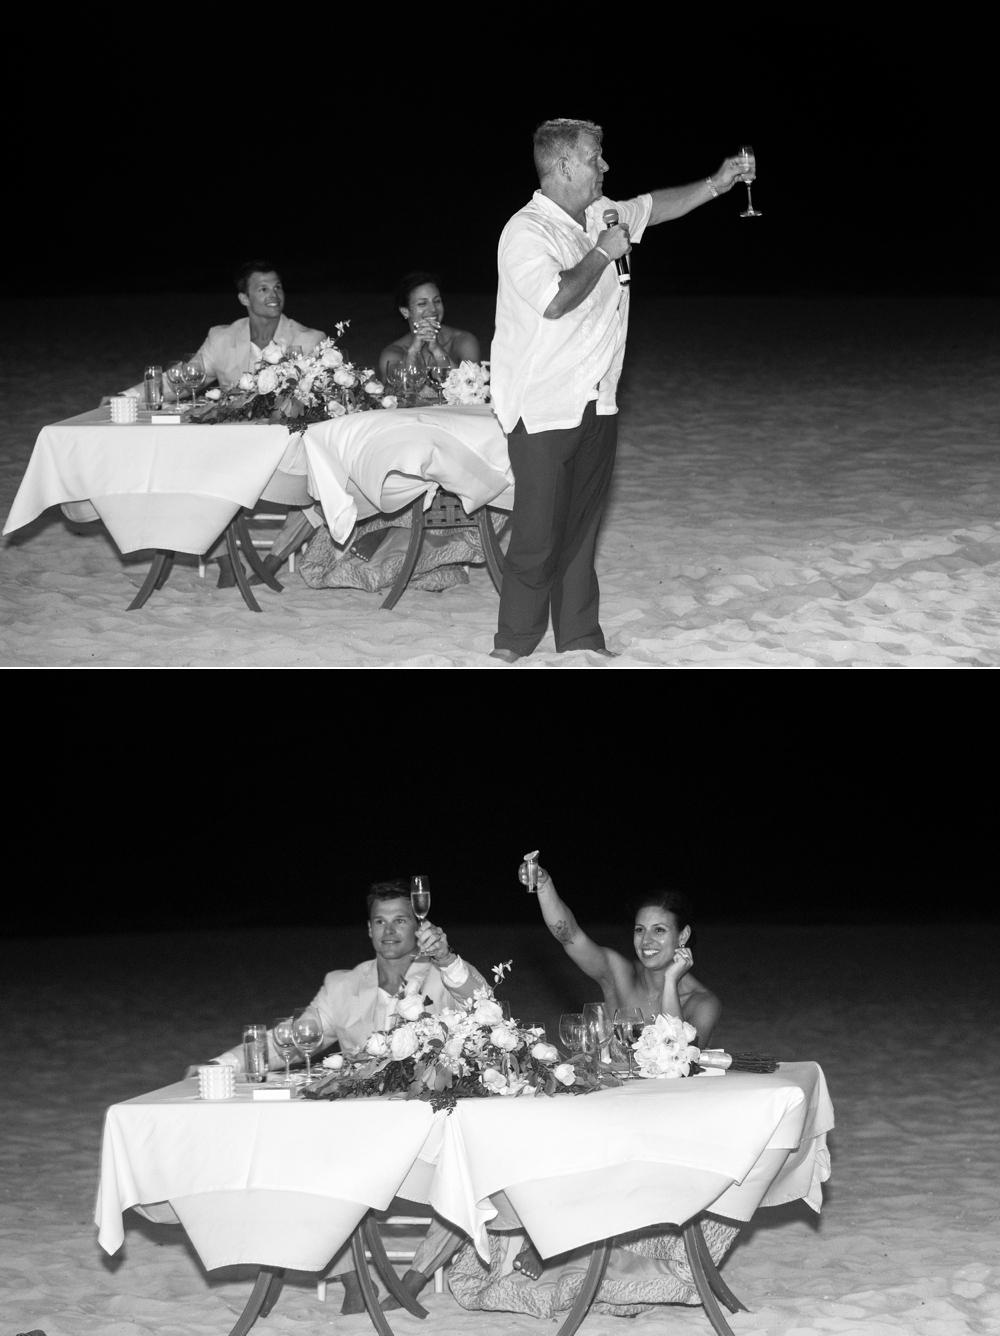 SomerbyJonesPhotography_IberostarGrandHotelParaiso_Mexico_Wedding_0044.jpg